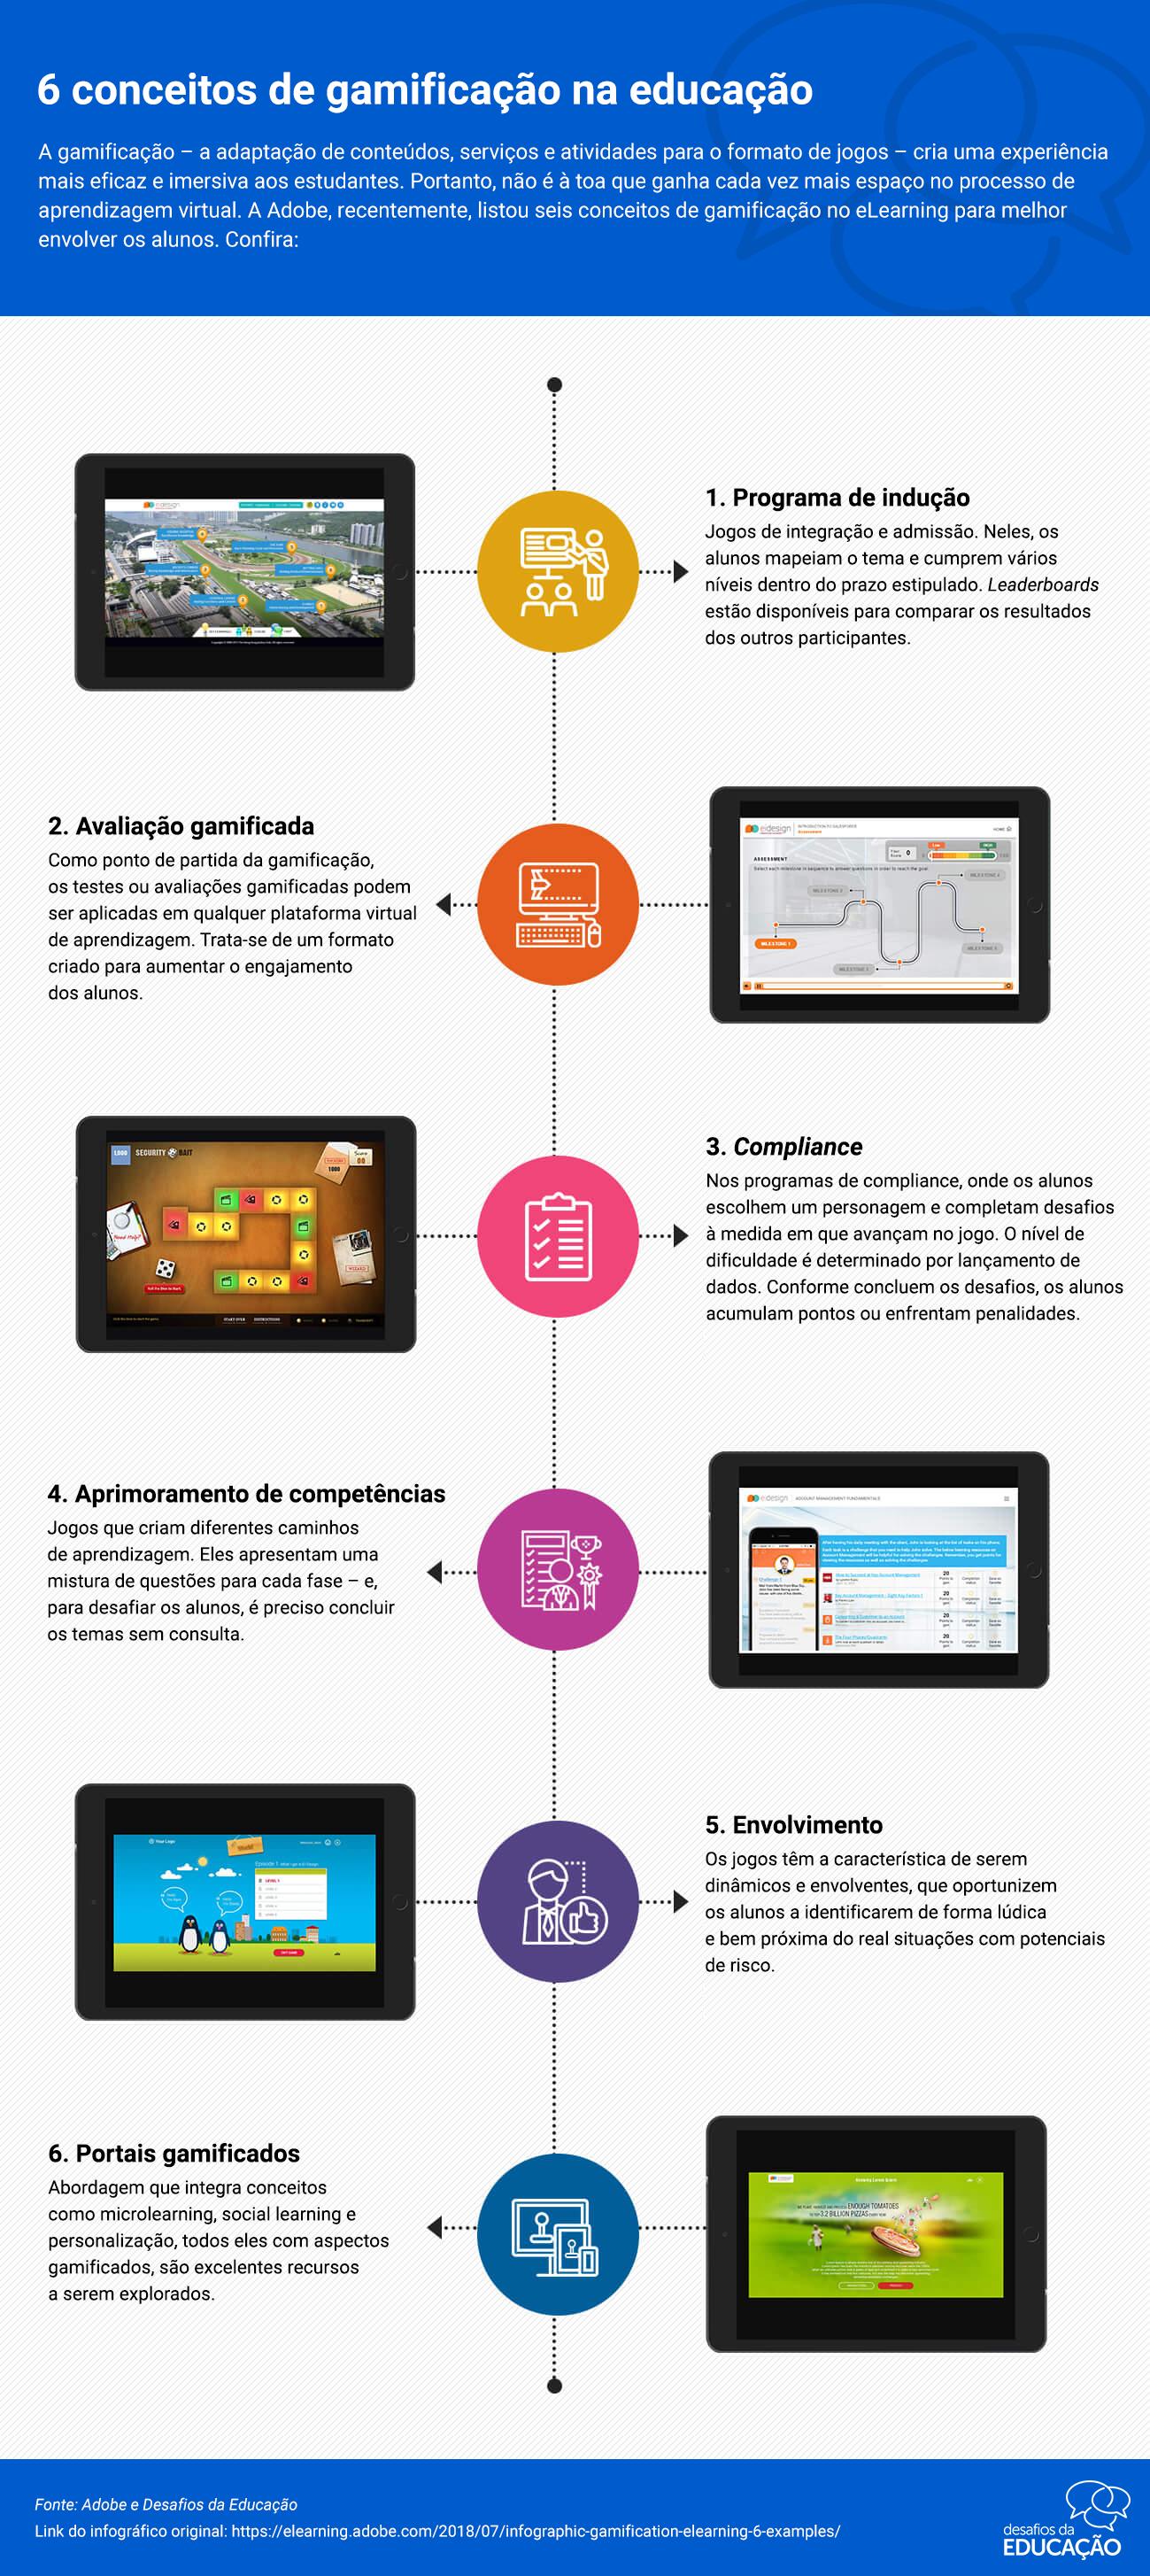 6 conceitos de gamificação na educação